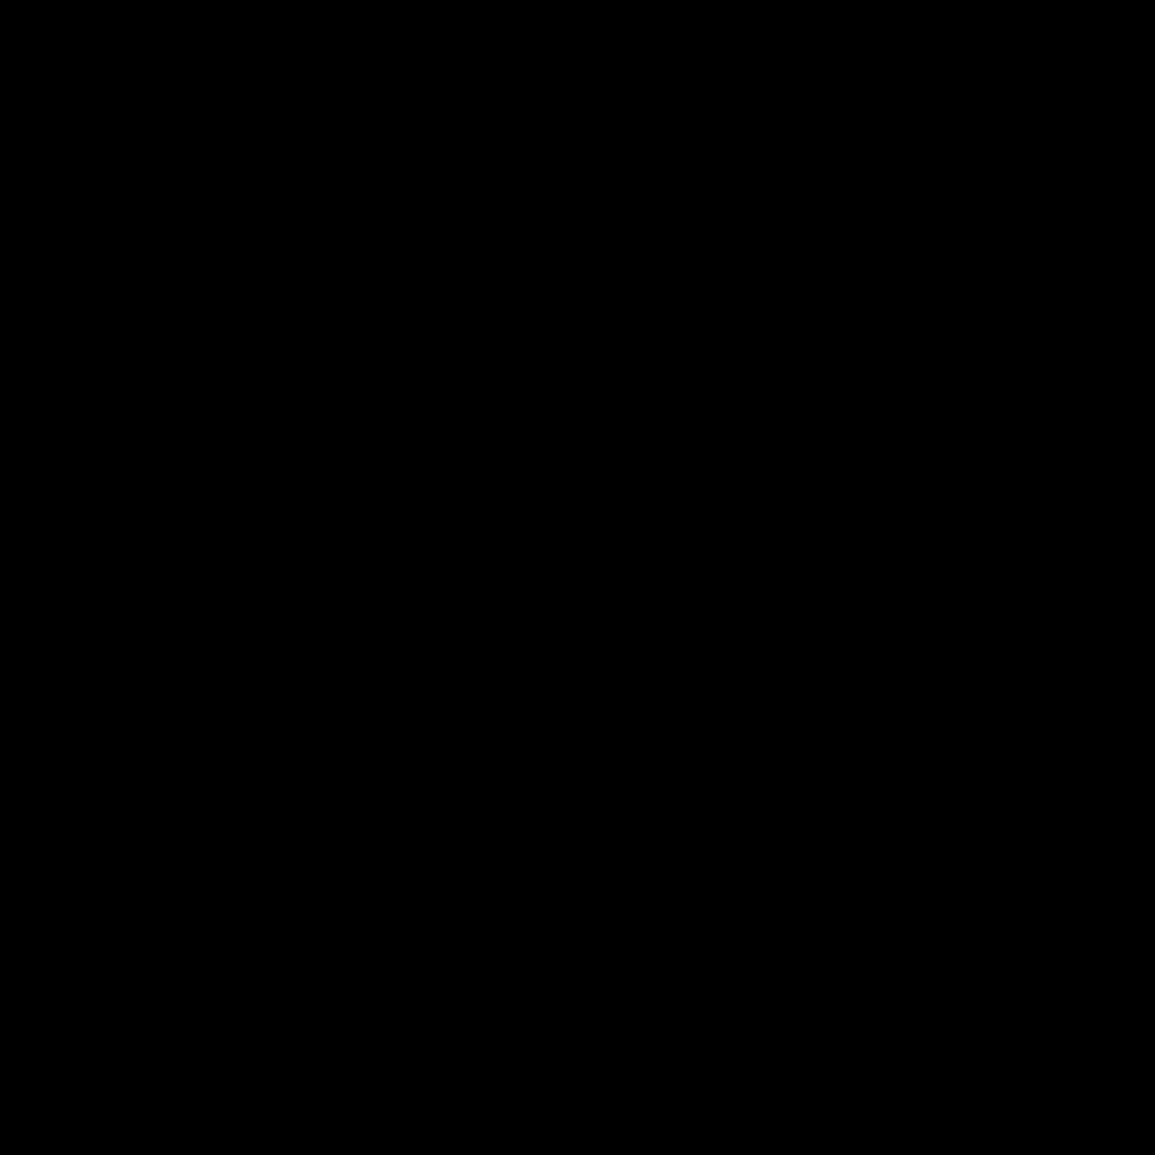 アンチック(中見出し幼児用かな) KF-E 字形見本